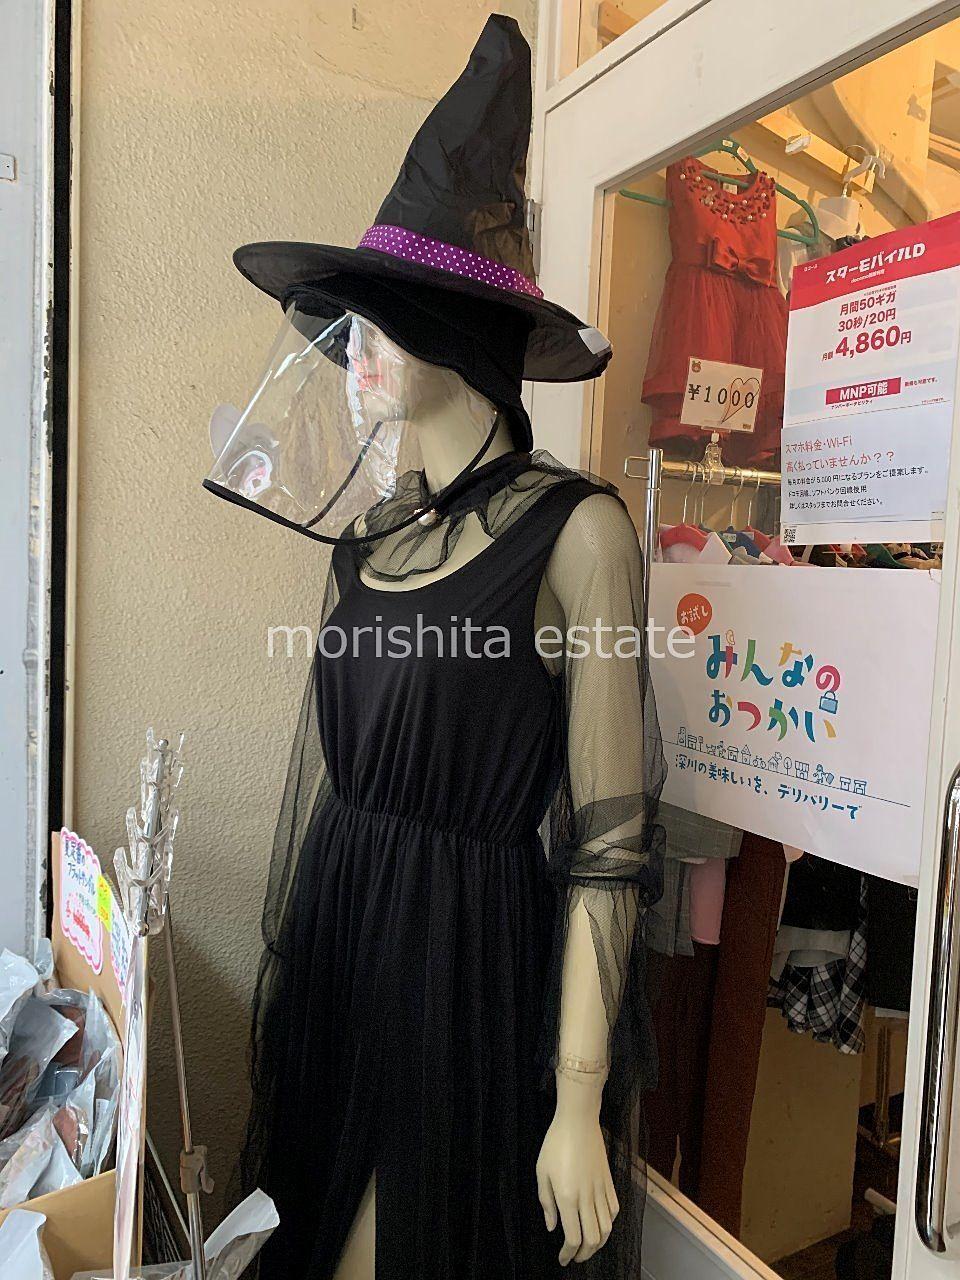 江東区 高橋 ミニョン ドレス ワンピース 閉店 写真